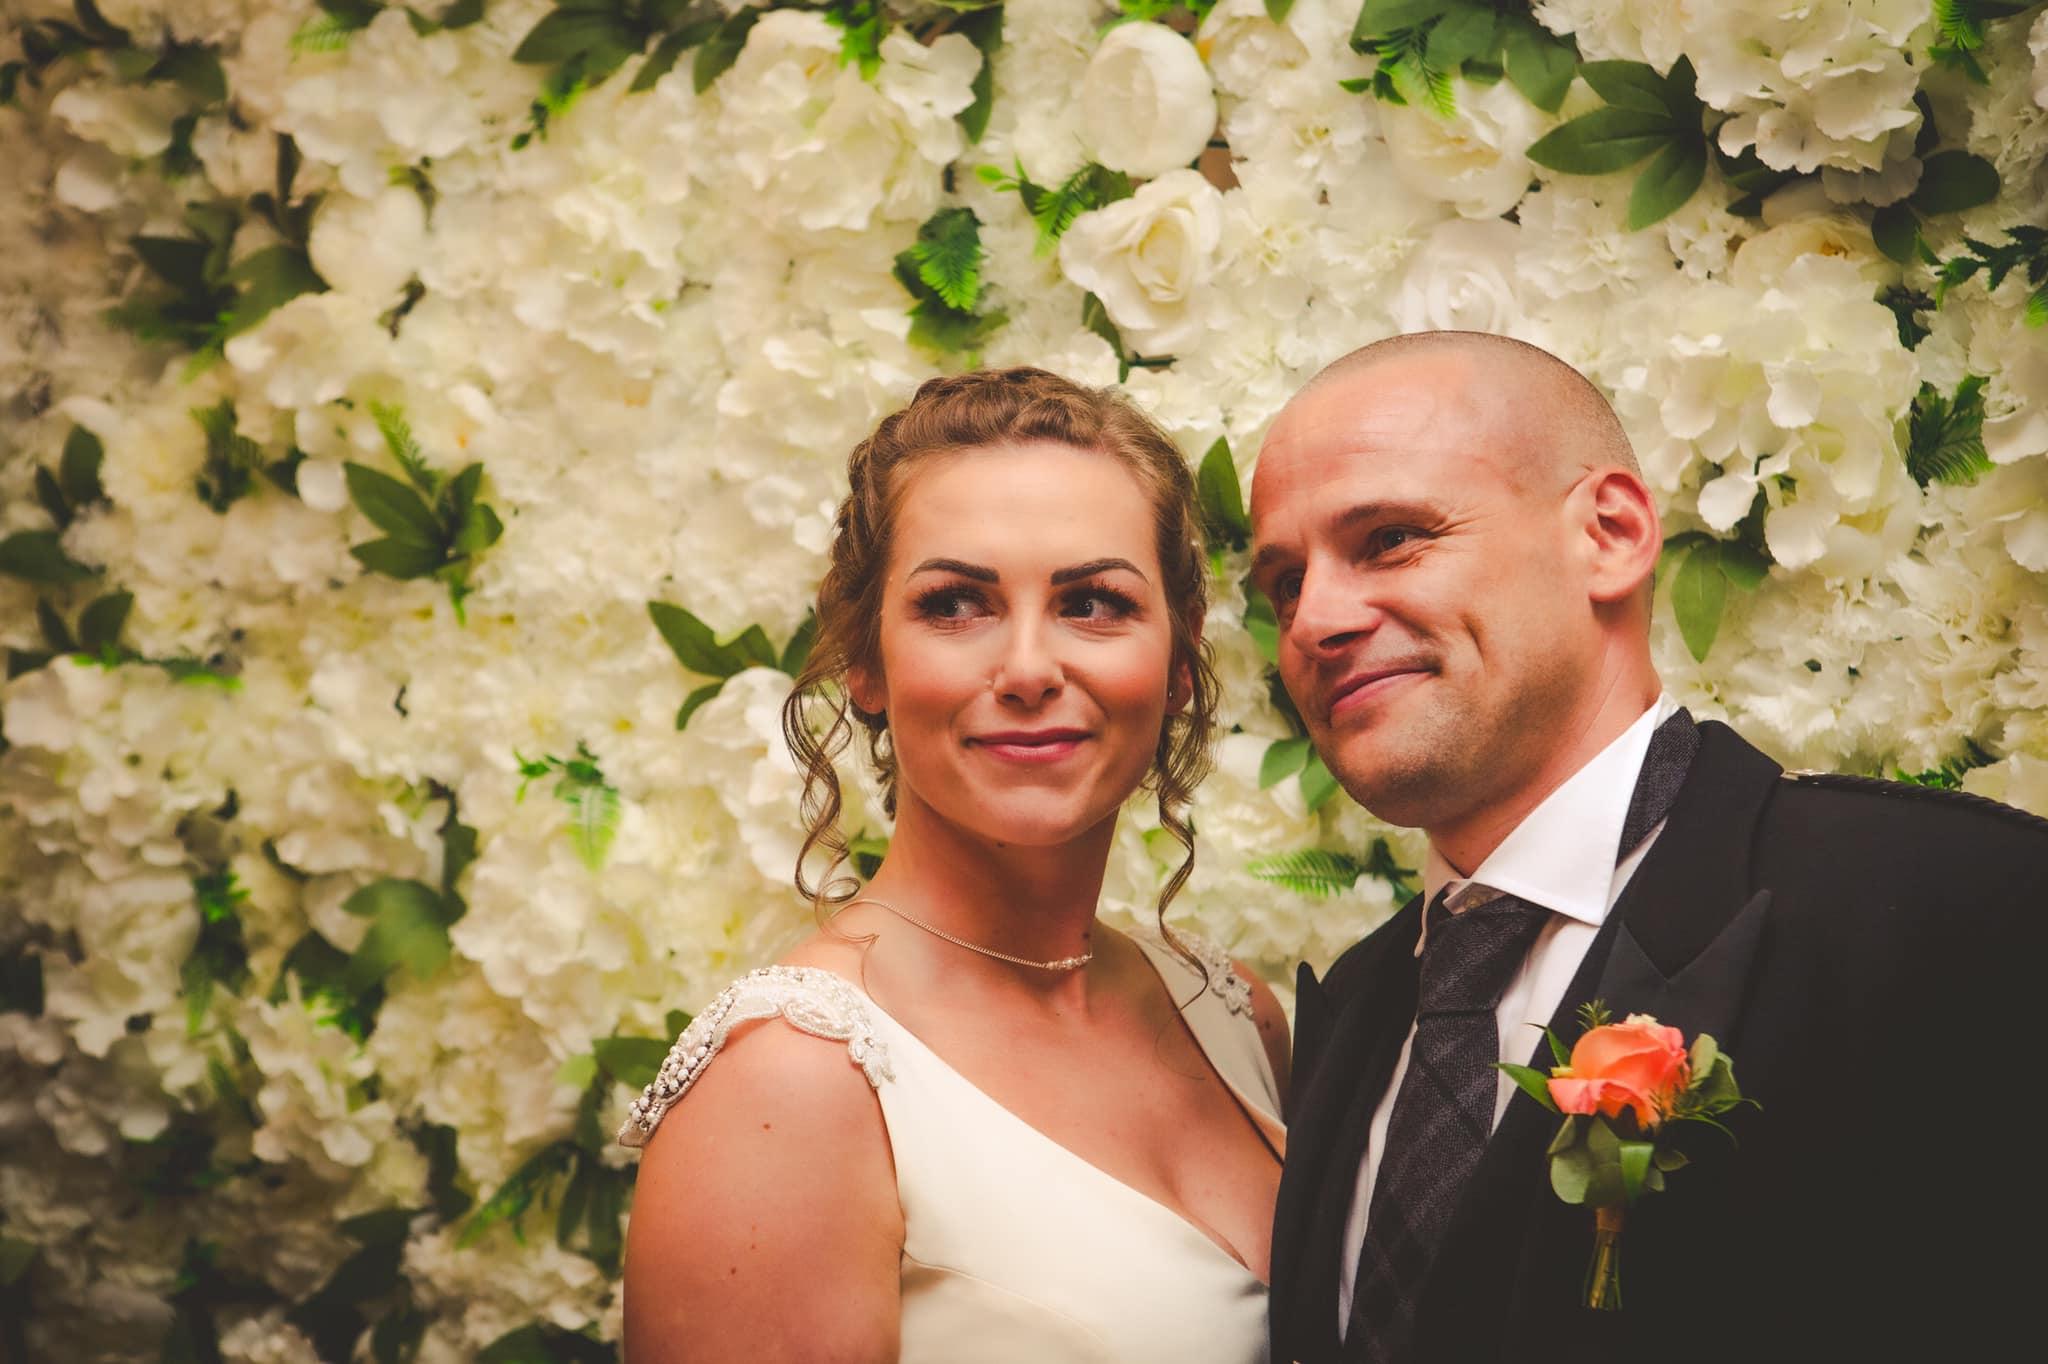 Celebrant-led Wedding Ceremony: wonderful couple finally wed!